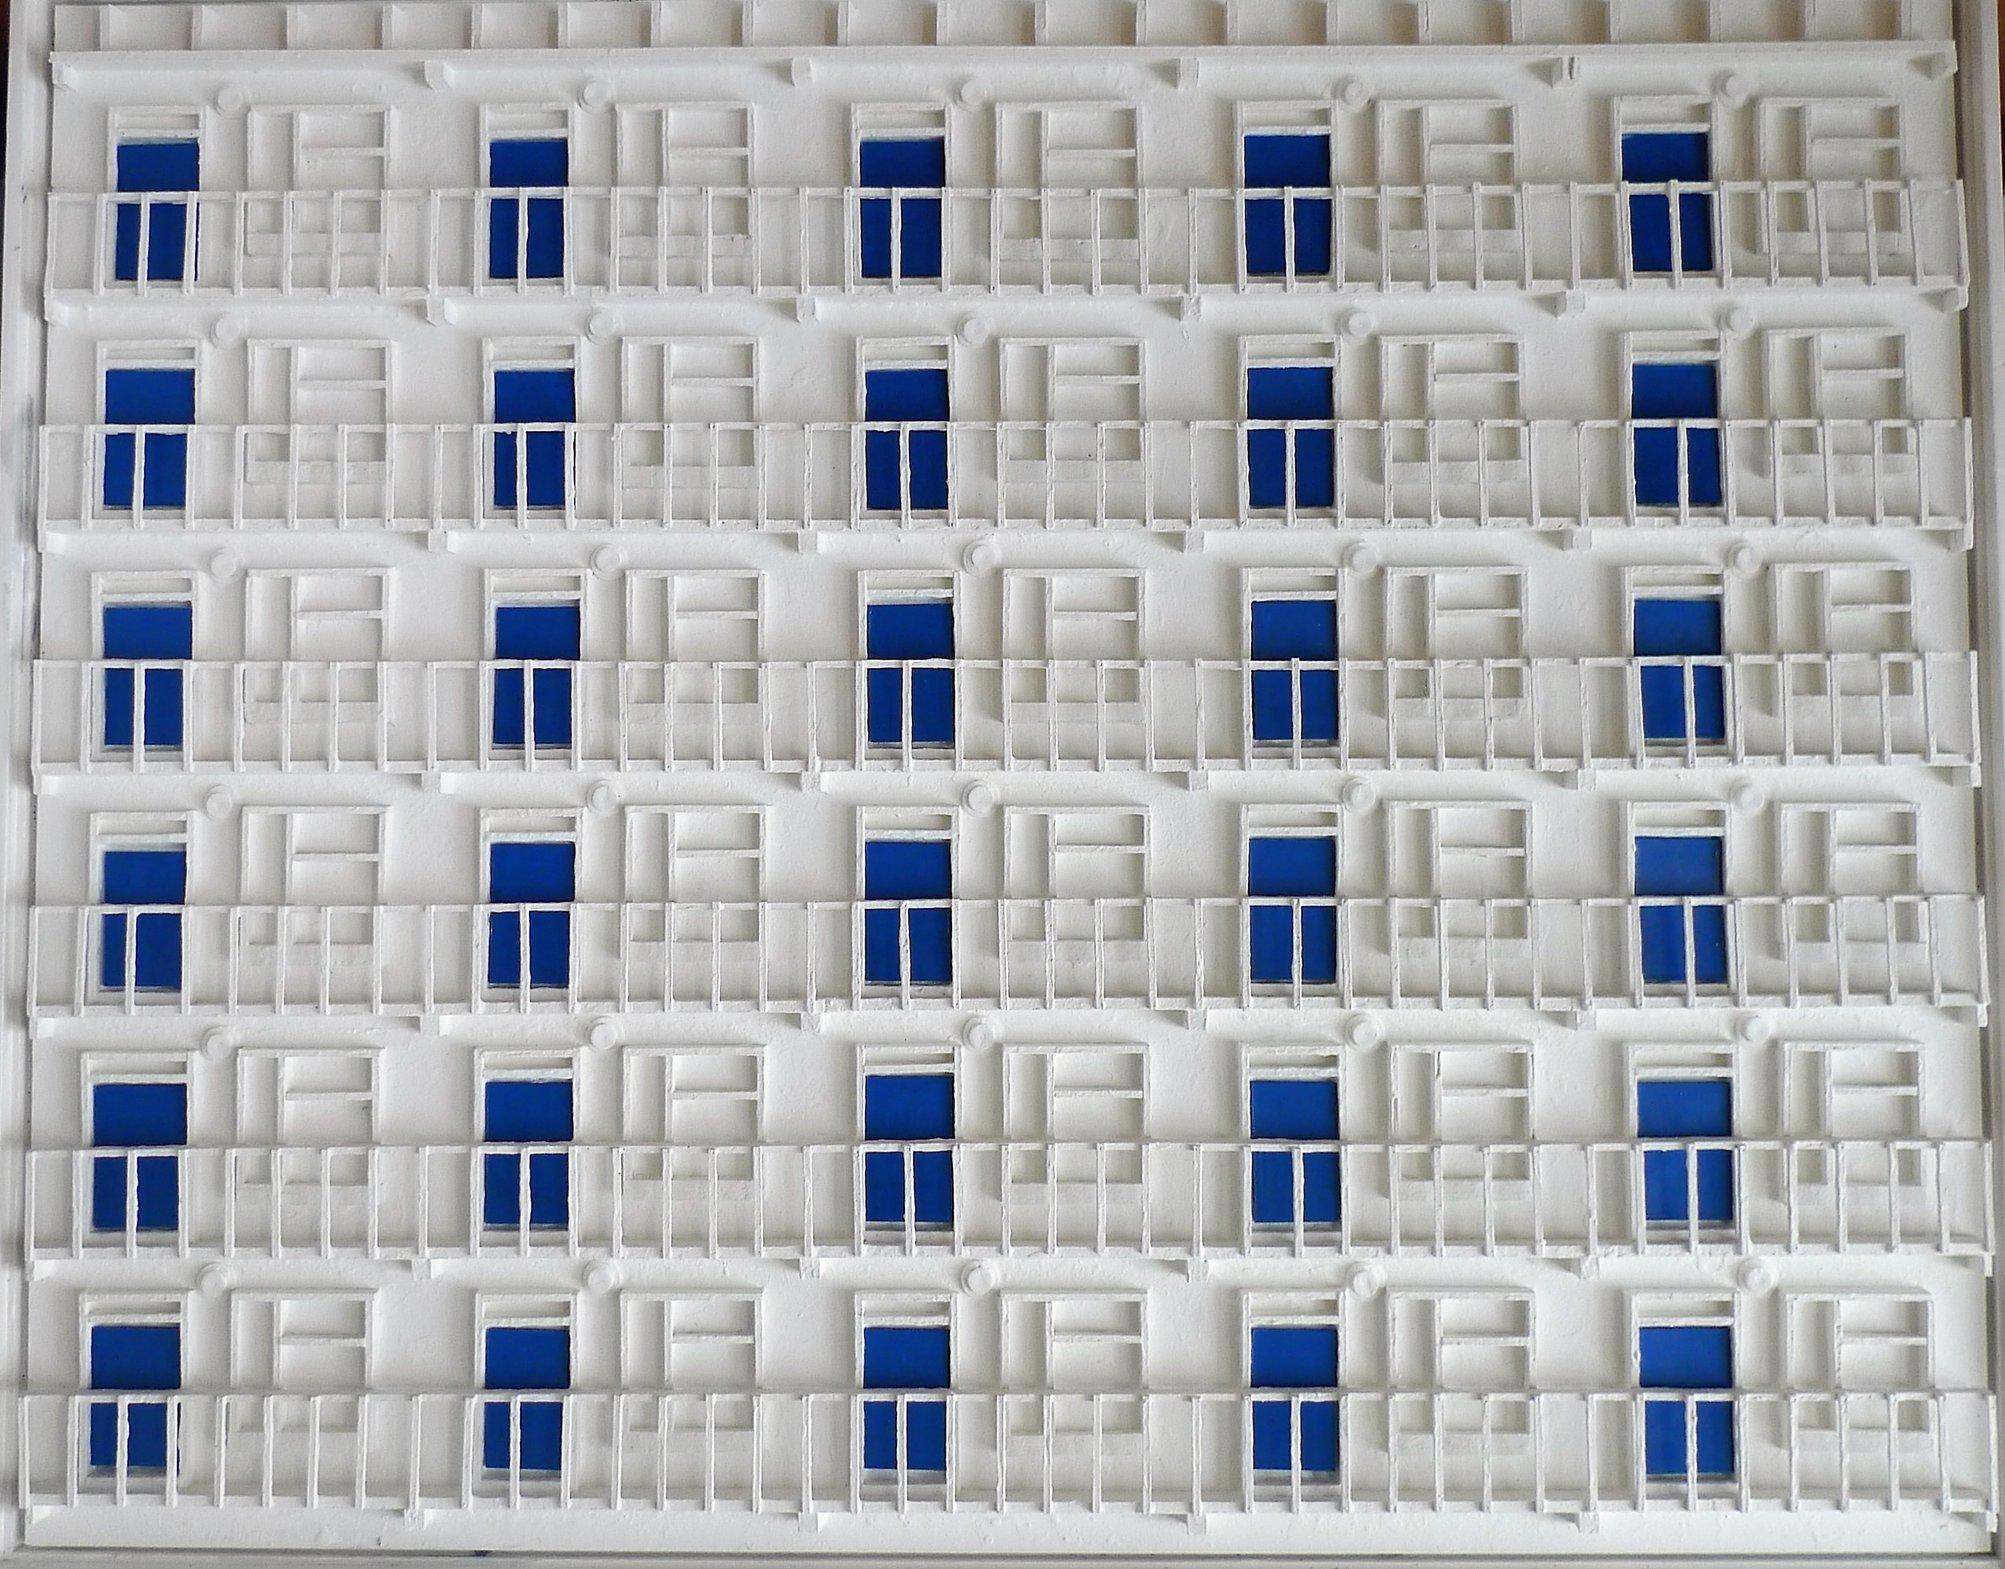 3rd Floor - blue door